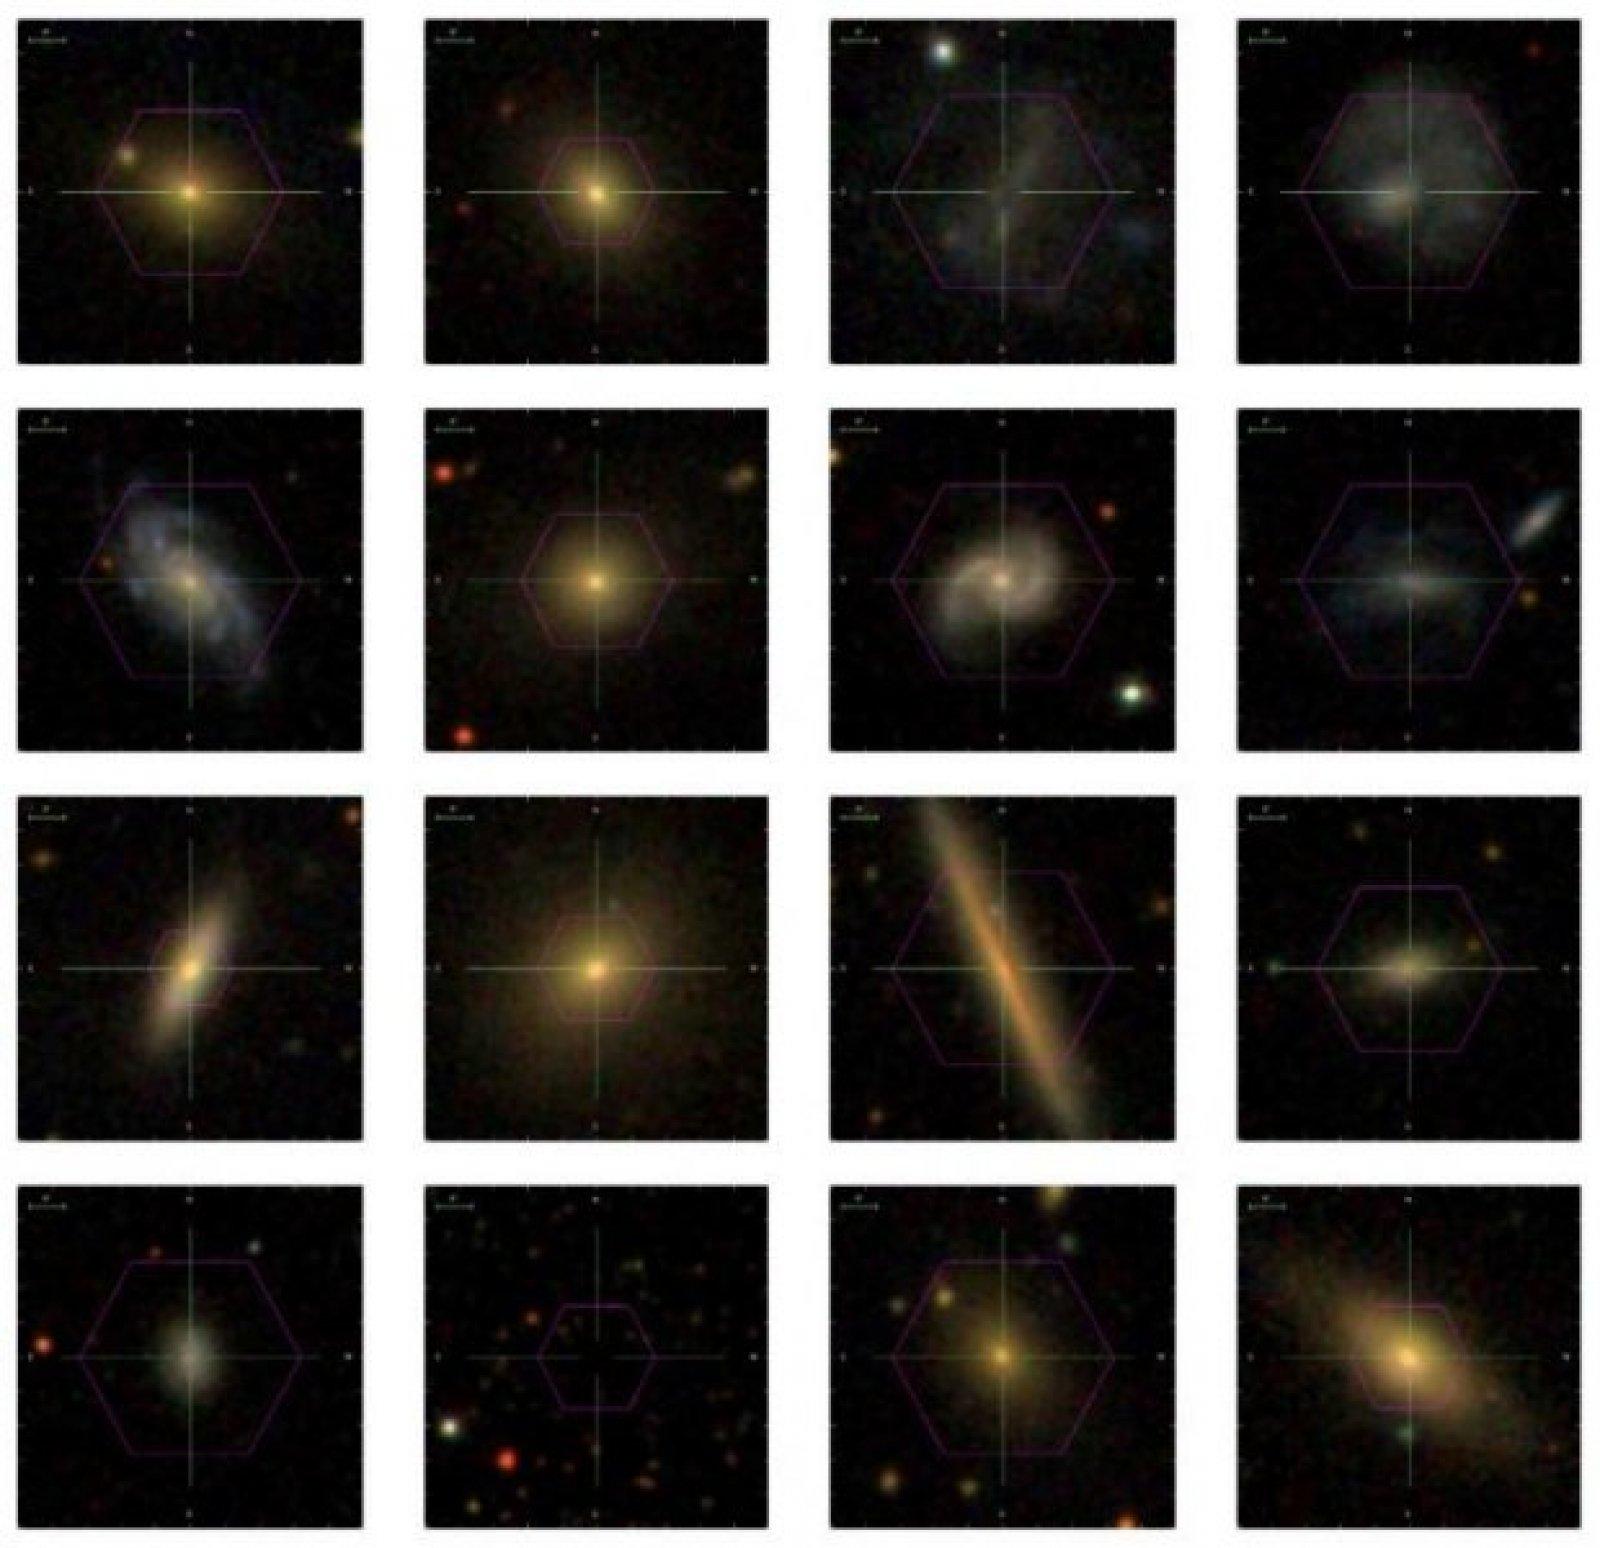 Galàxies estudiades pel projete MaNGA